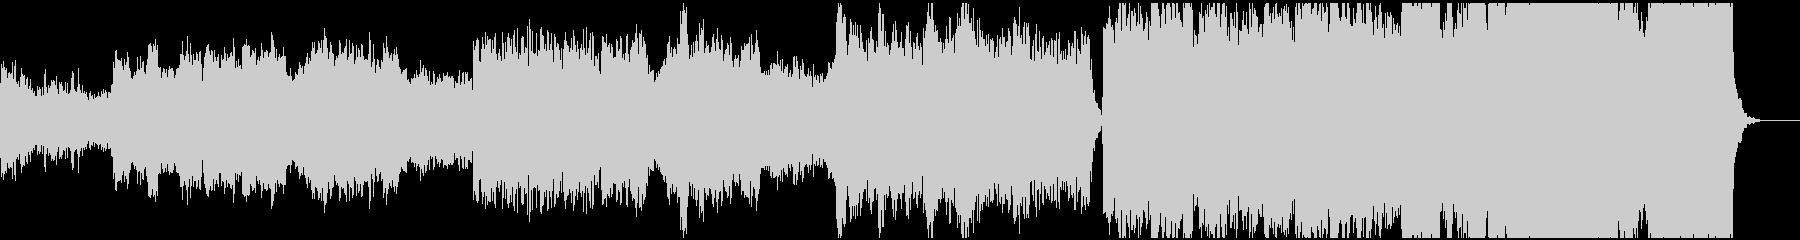 管弦楽による美しいBGMの未再生の波形